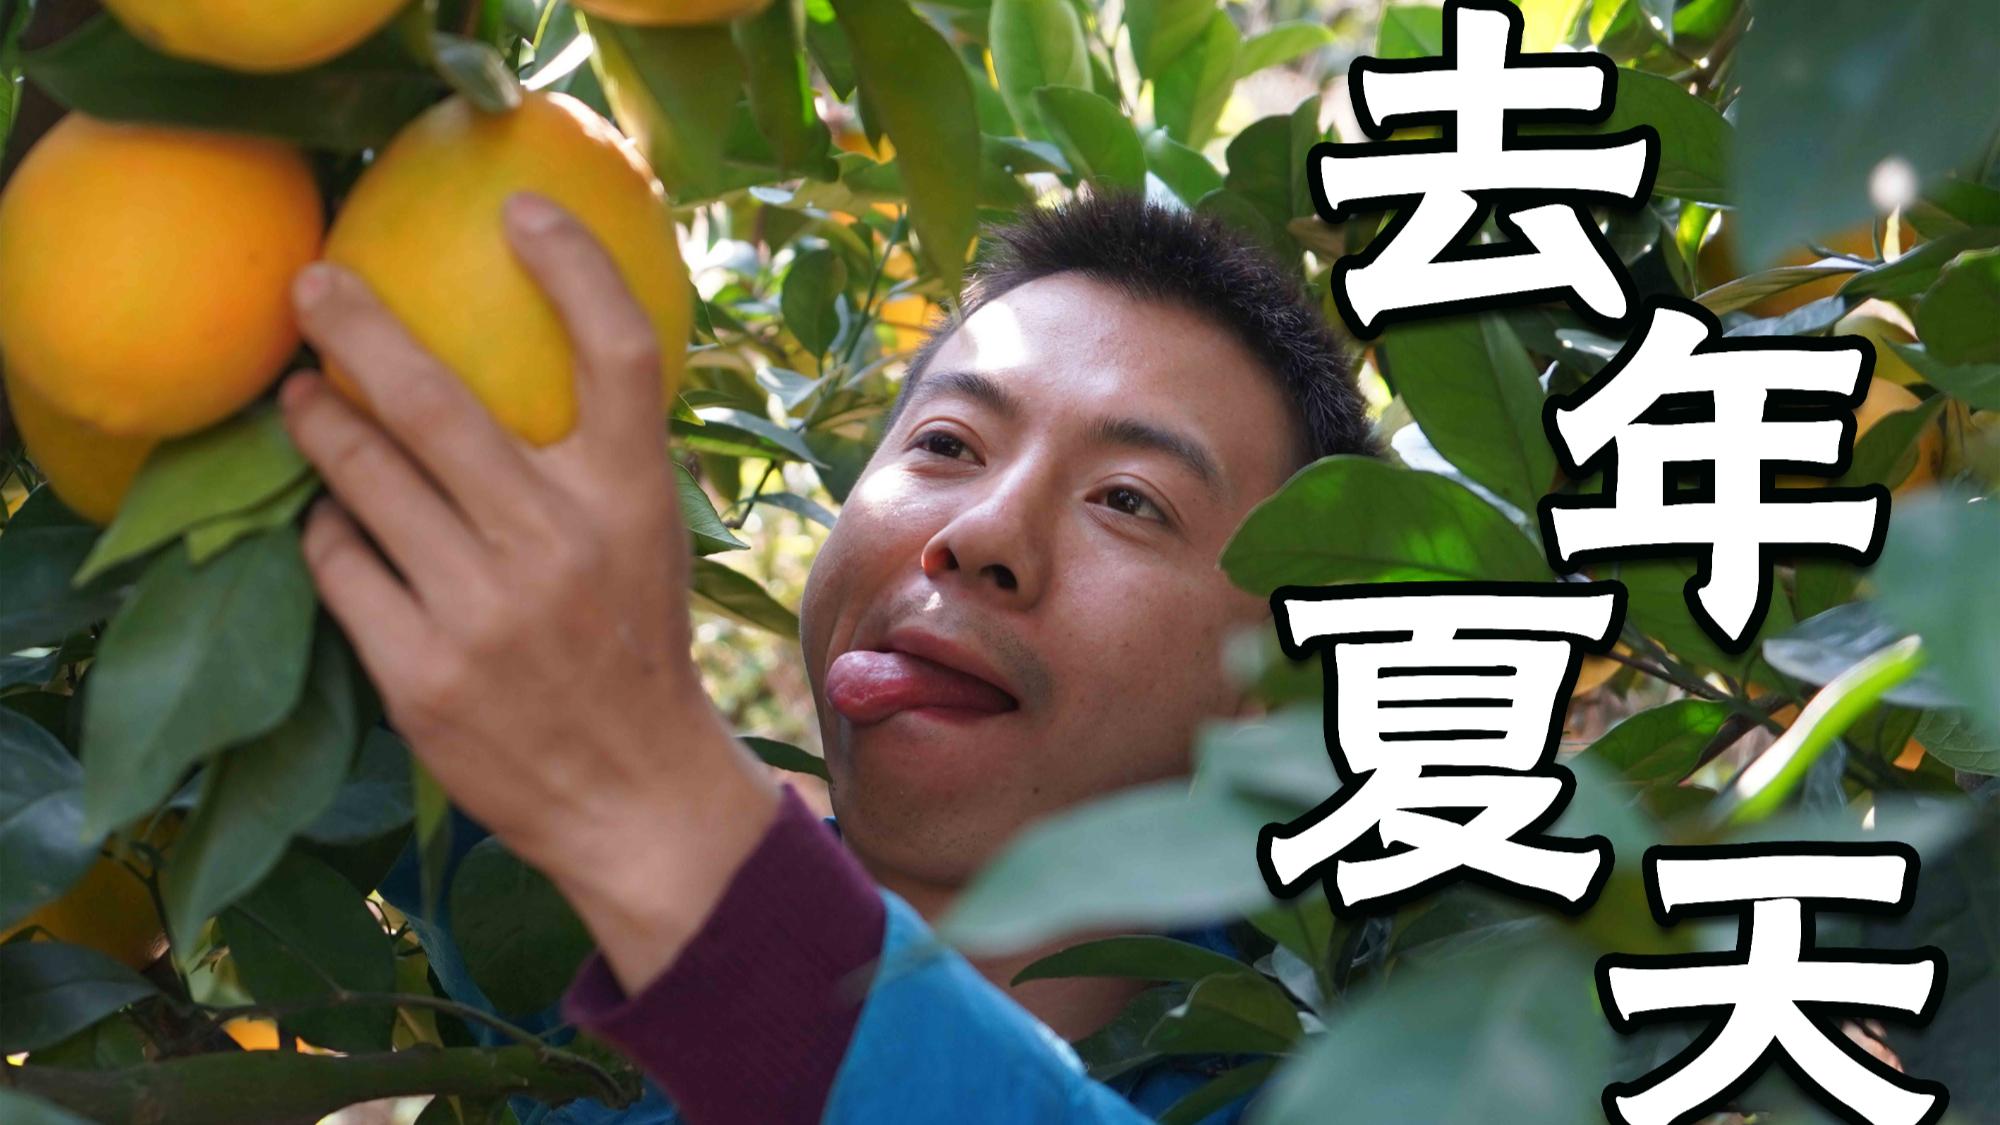 【华农兄弟】去年夏天【出道616】祝AcFun13周岁生日快乐!